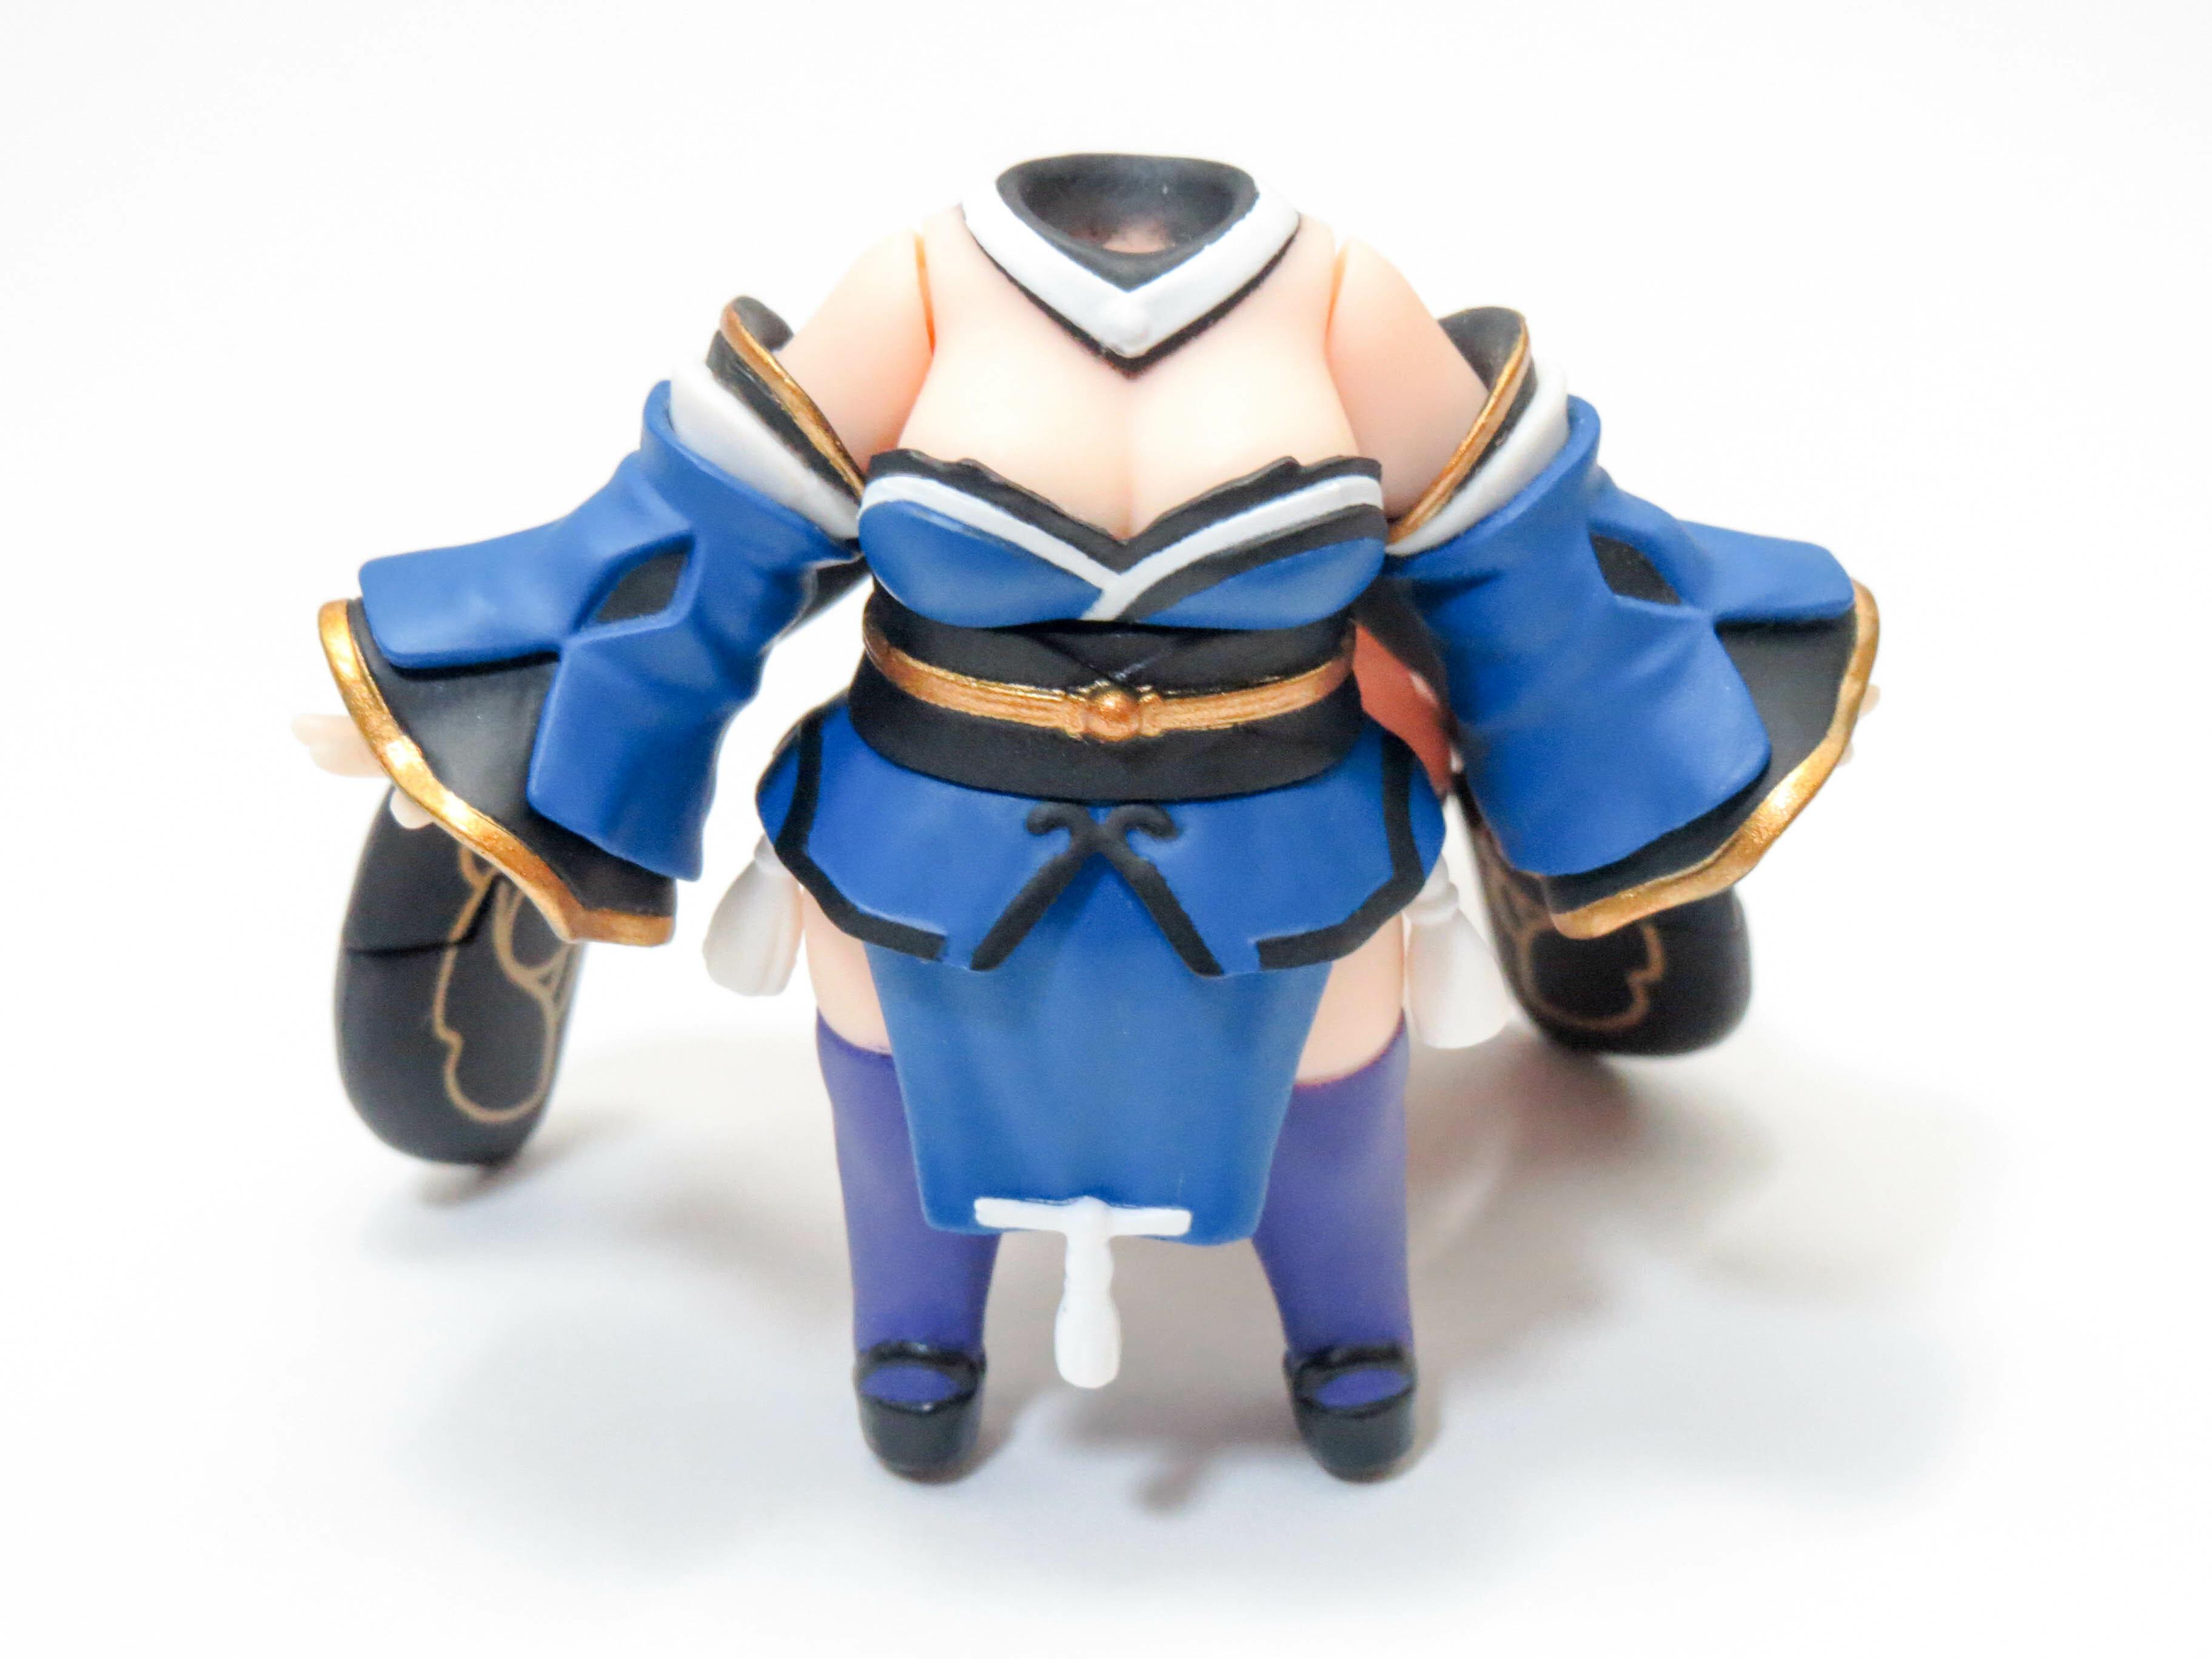 再入荷【710】 キャスター(玉藻の前)  体パーツ 戦闘服 ねんどろいど